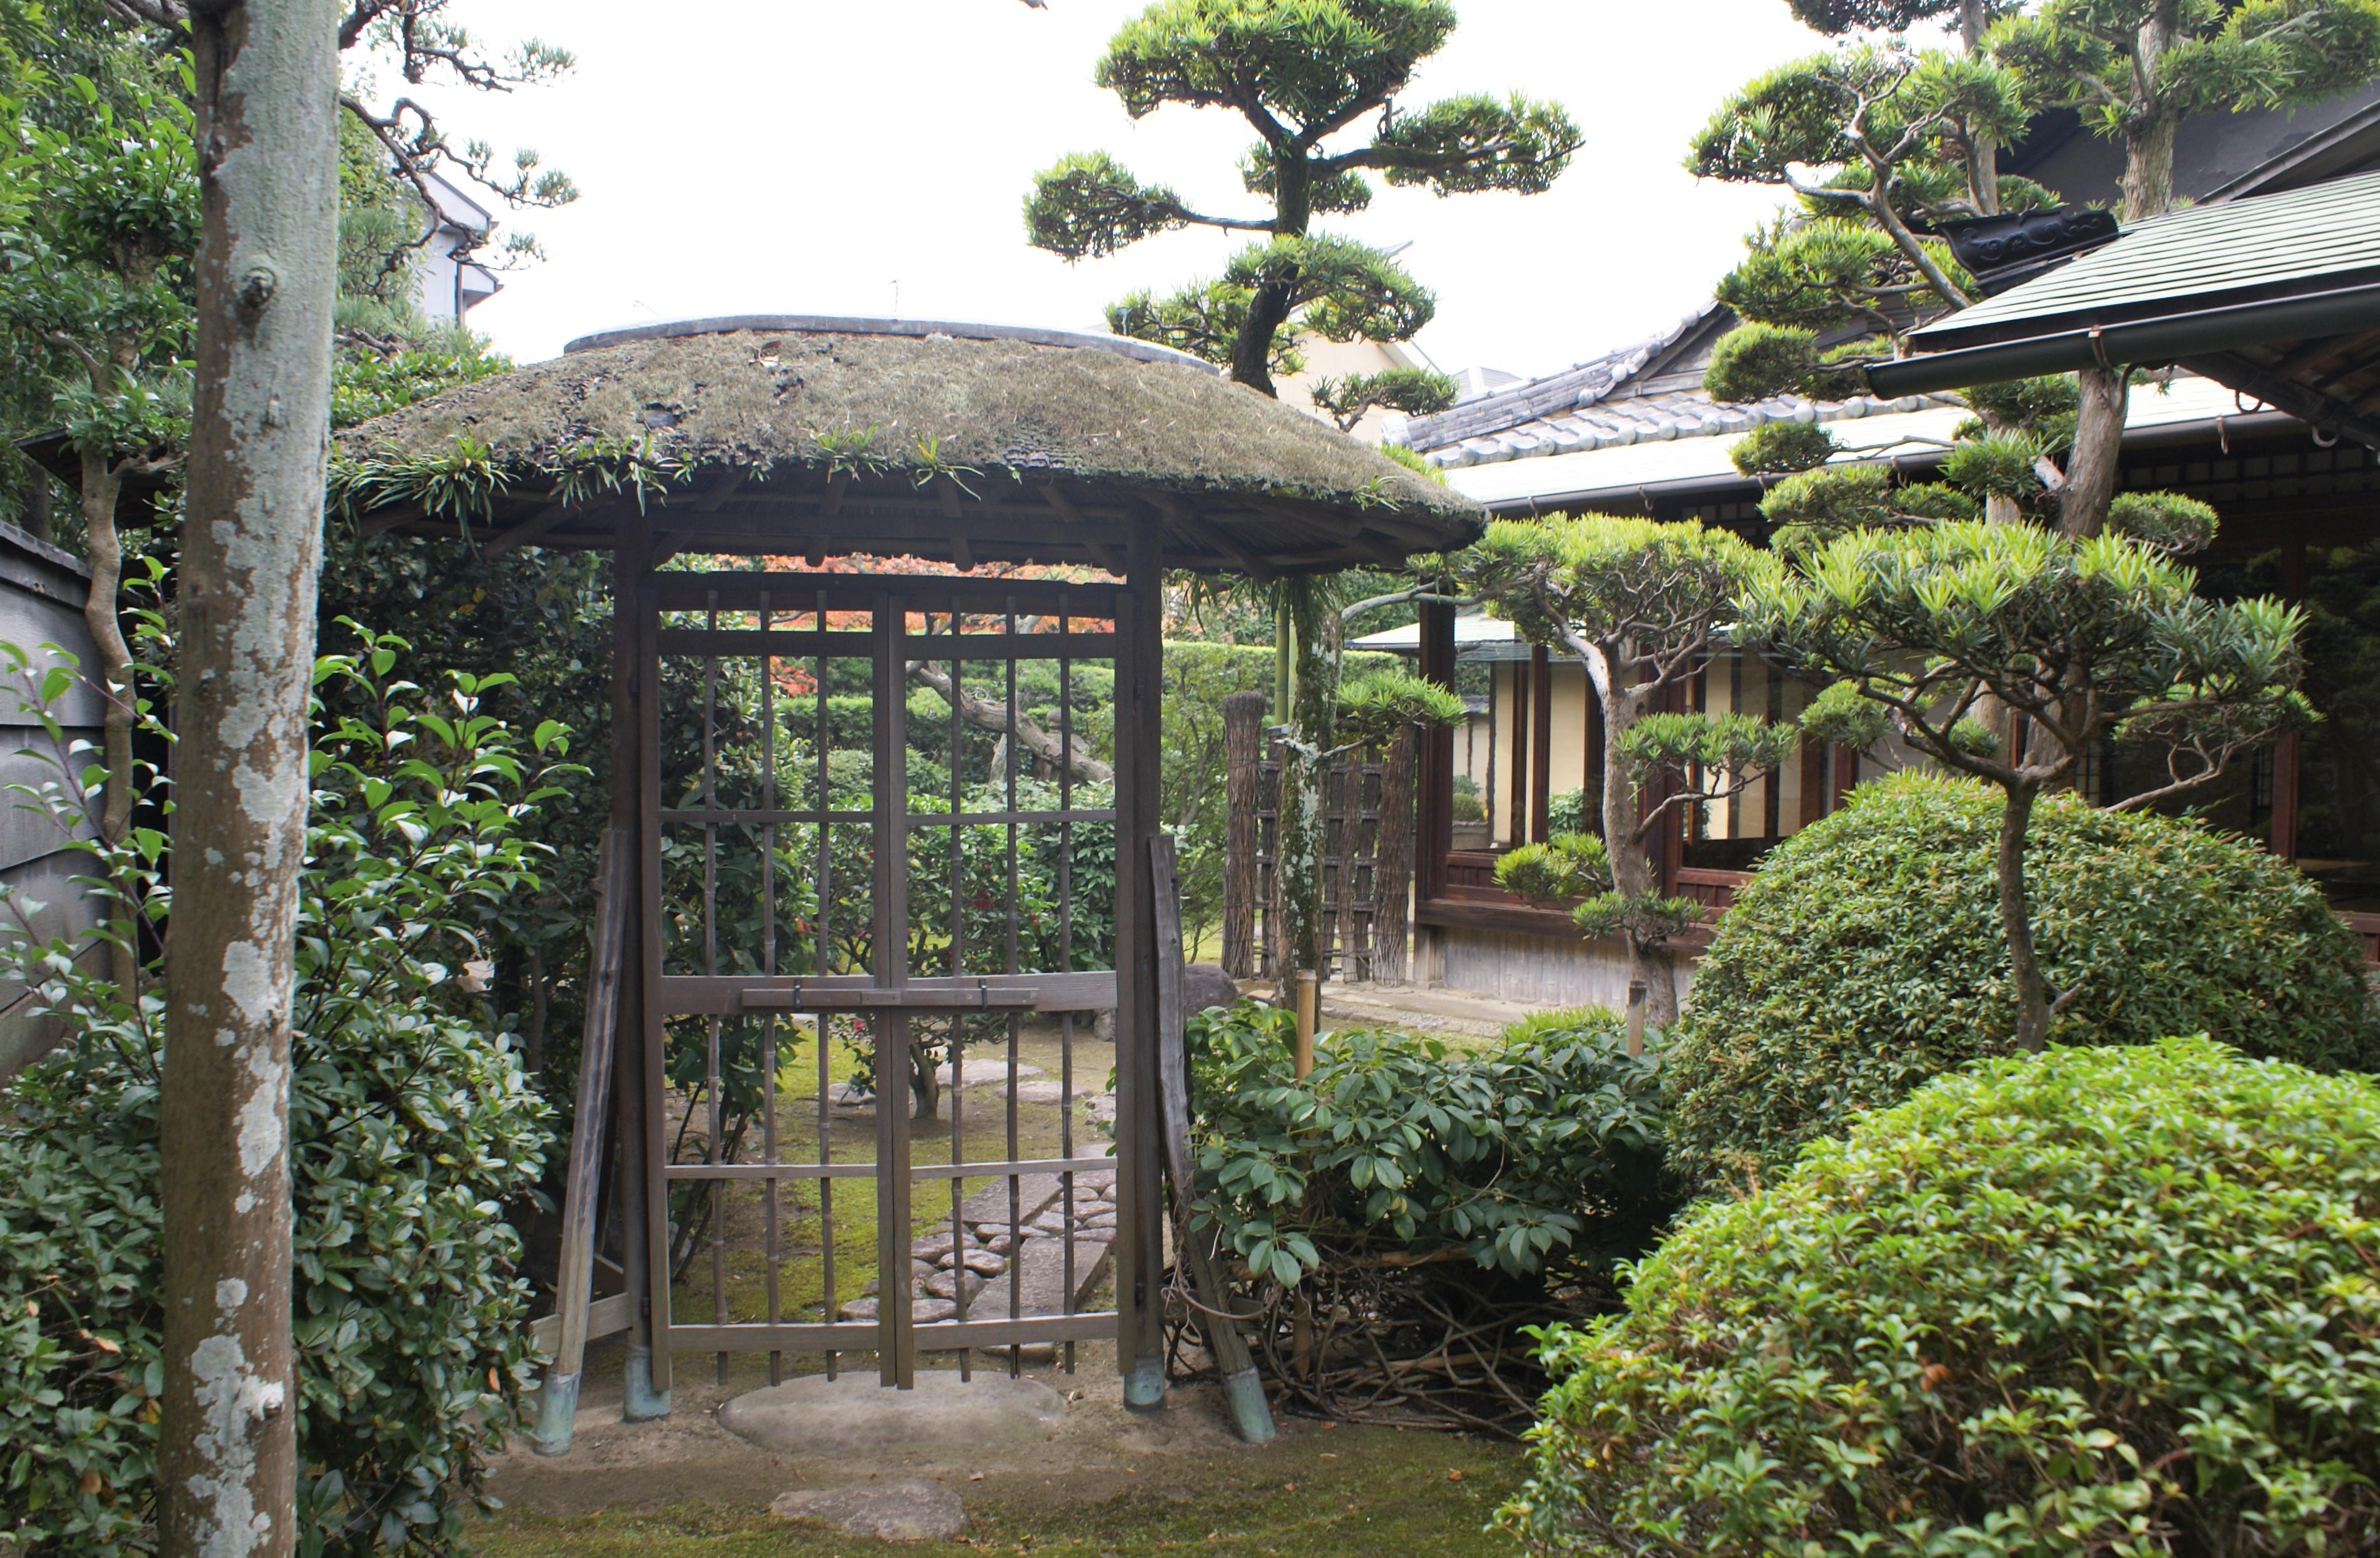 <p>内路地から見た中門-網笠門</p>屋根の形状が編笠に似ているので、編笠門と呼ばれる。武者小路直斎の好みがその原型と伝えられている。